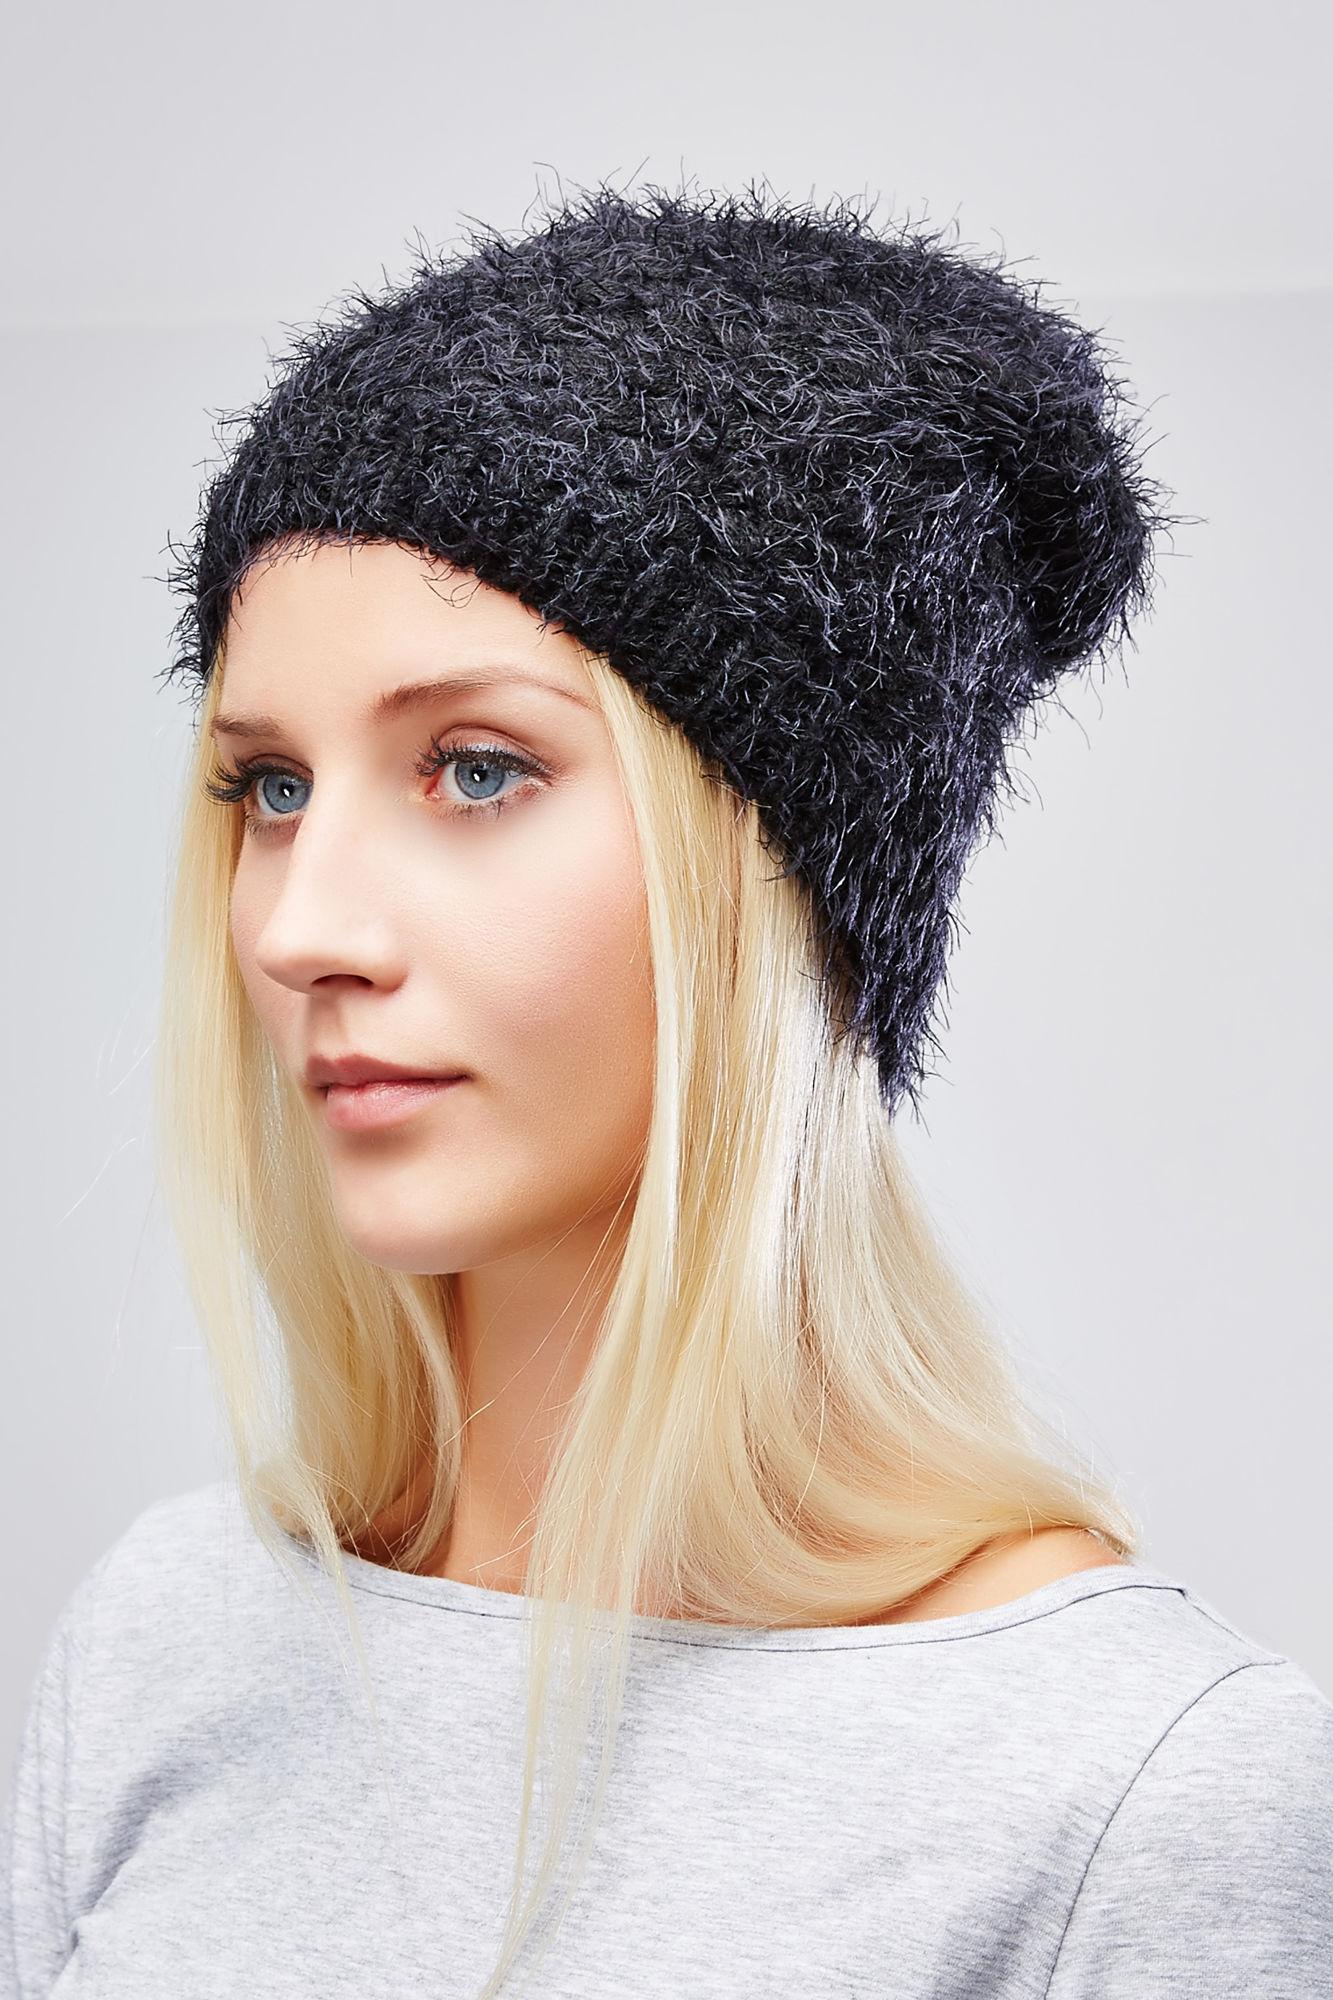 Шапка женская. Z-CZ-1819Z-CZ-1819 BLACKСтильная женская шапка Moodo отлично дополнит ваш образ в холодную погоду. Сочетание полиэстера и акрила максимально сохраняет тепло и обеспечивает удобную посадку. Классическая удлиненная шапка имеет пушистую поверхность. Такая модель комфортна и приятна на ощупь, она великолепно подчеркнет ваш вкус.